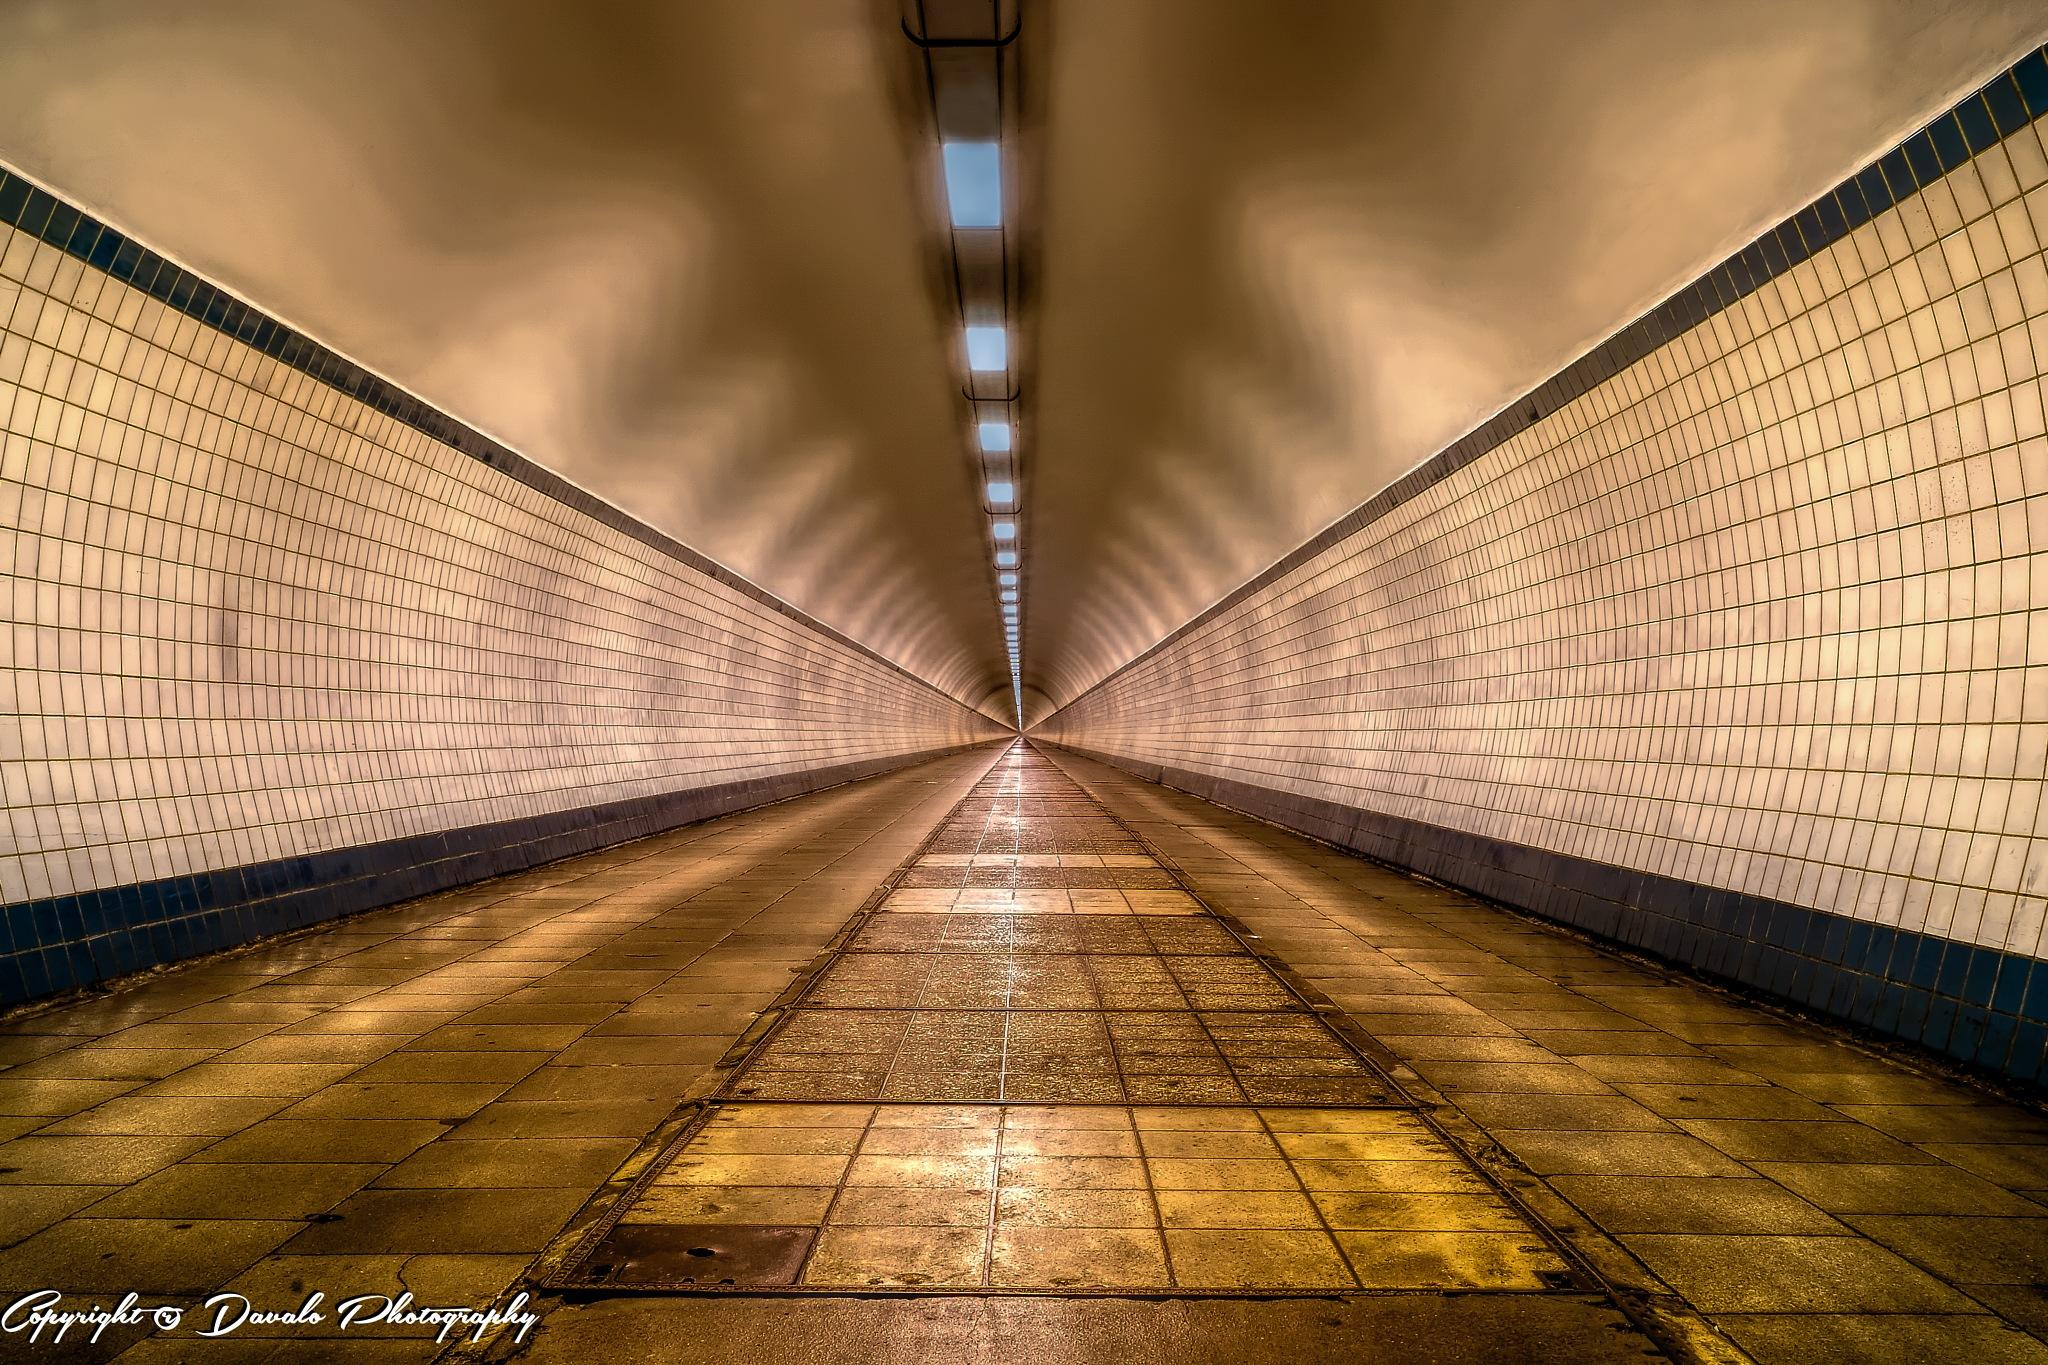 Voetgangerstunnel Antwerpen by Davalo Photography